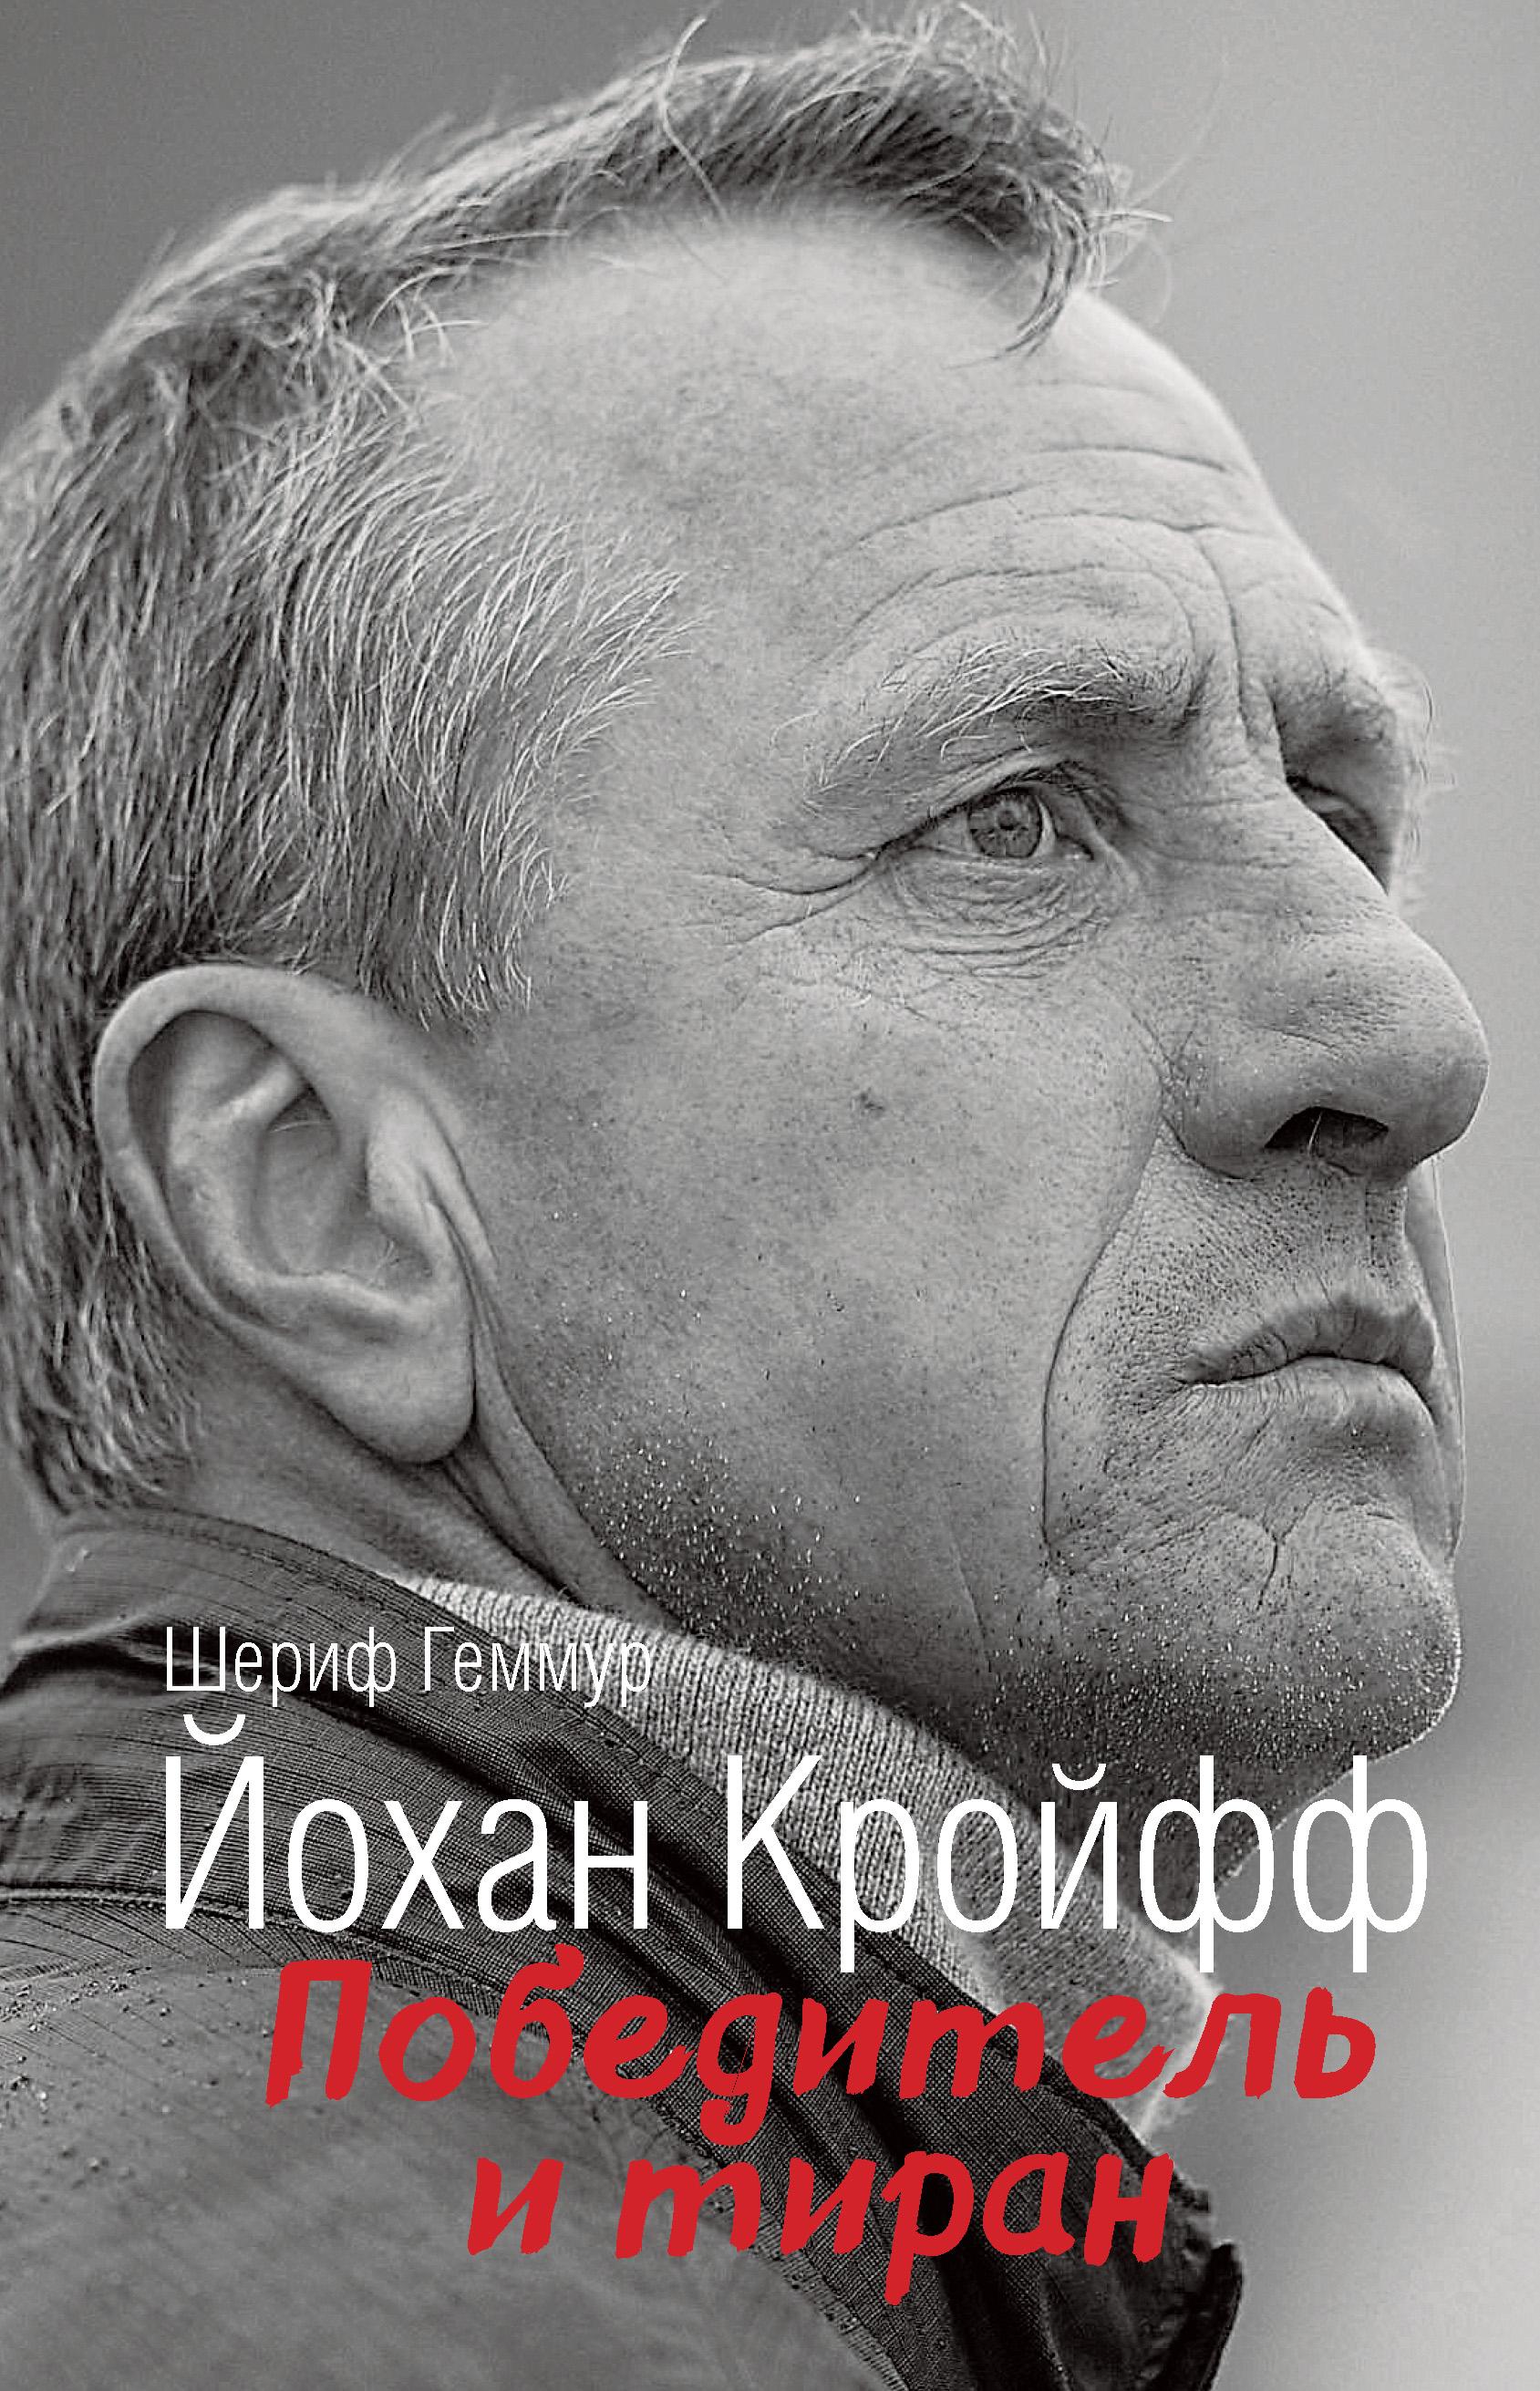 Обложка «Йохан Кройфф. Победитель и тиран»